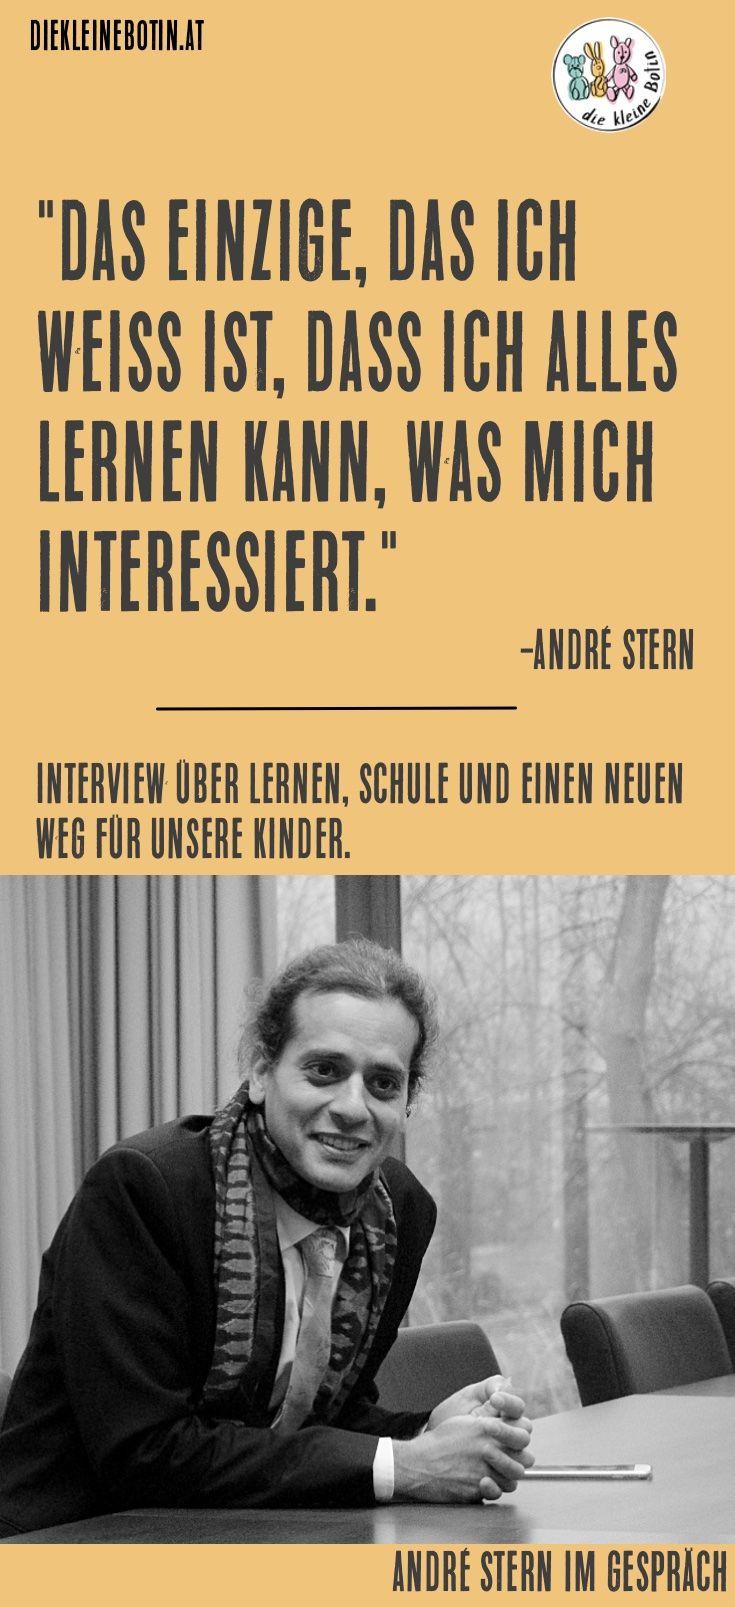 André Stern im ehrlichen Interview über das Lernen, die Schulue und einen neuen Weg für unsere Kinder. Erziehung und was wir daraus machen ist wegbereitend für unsere Kinder. #erziehung